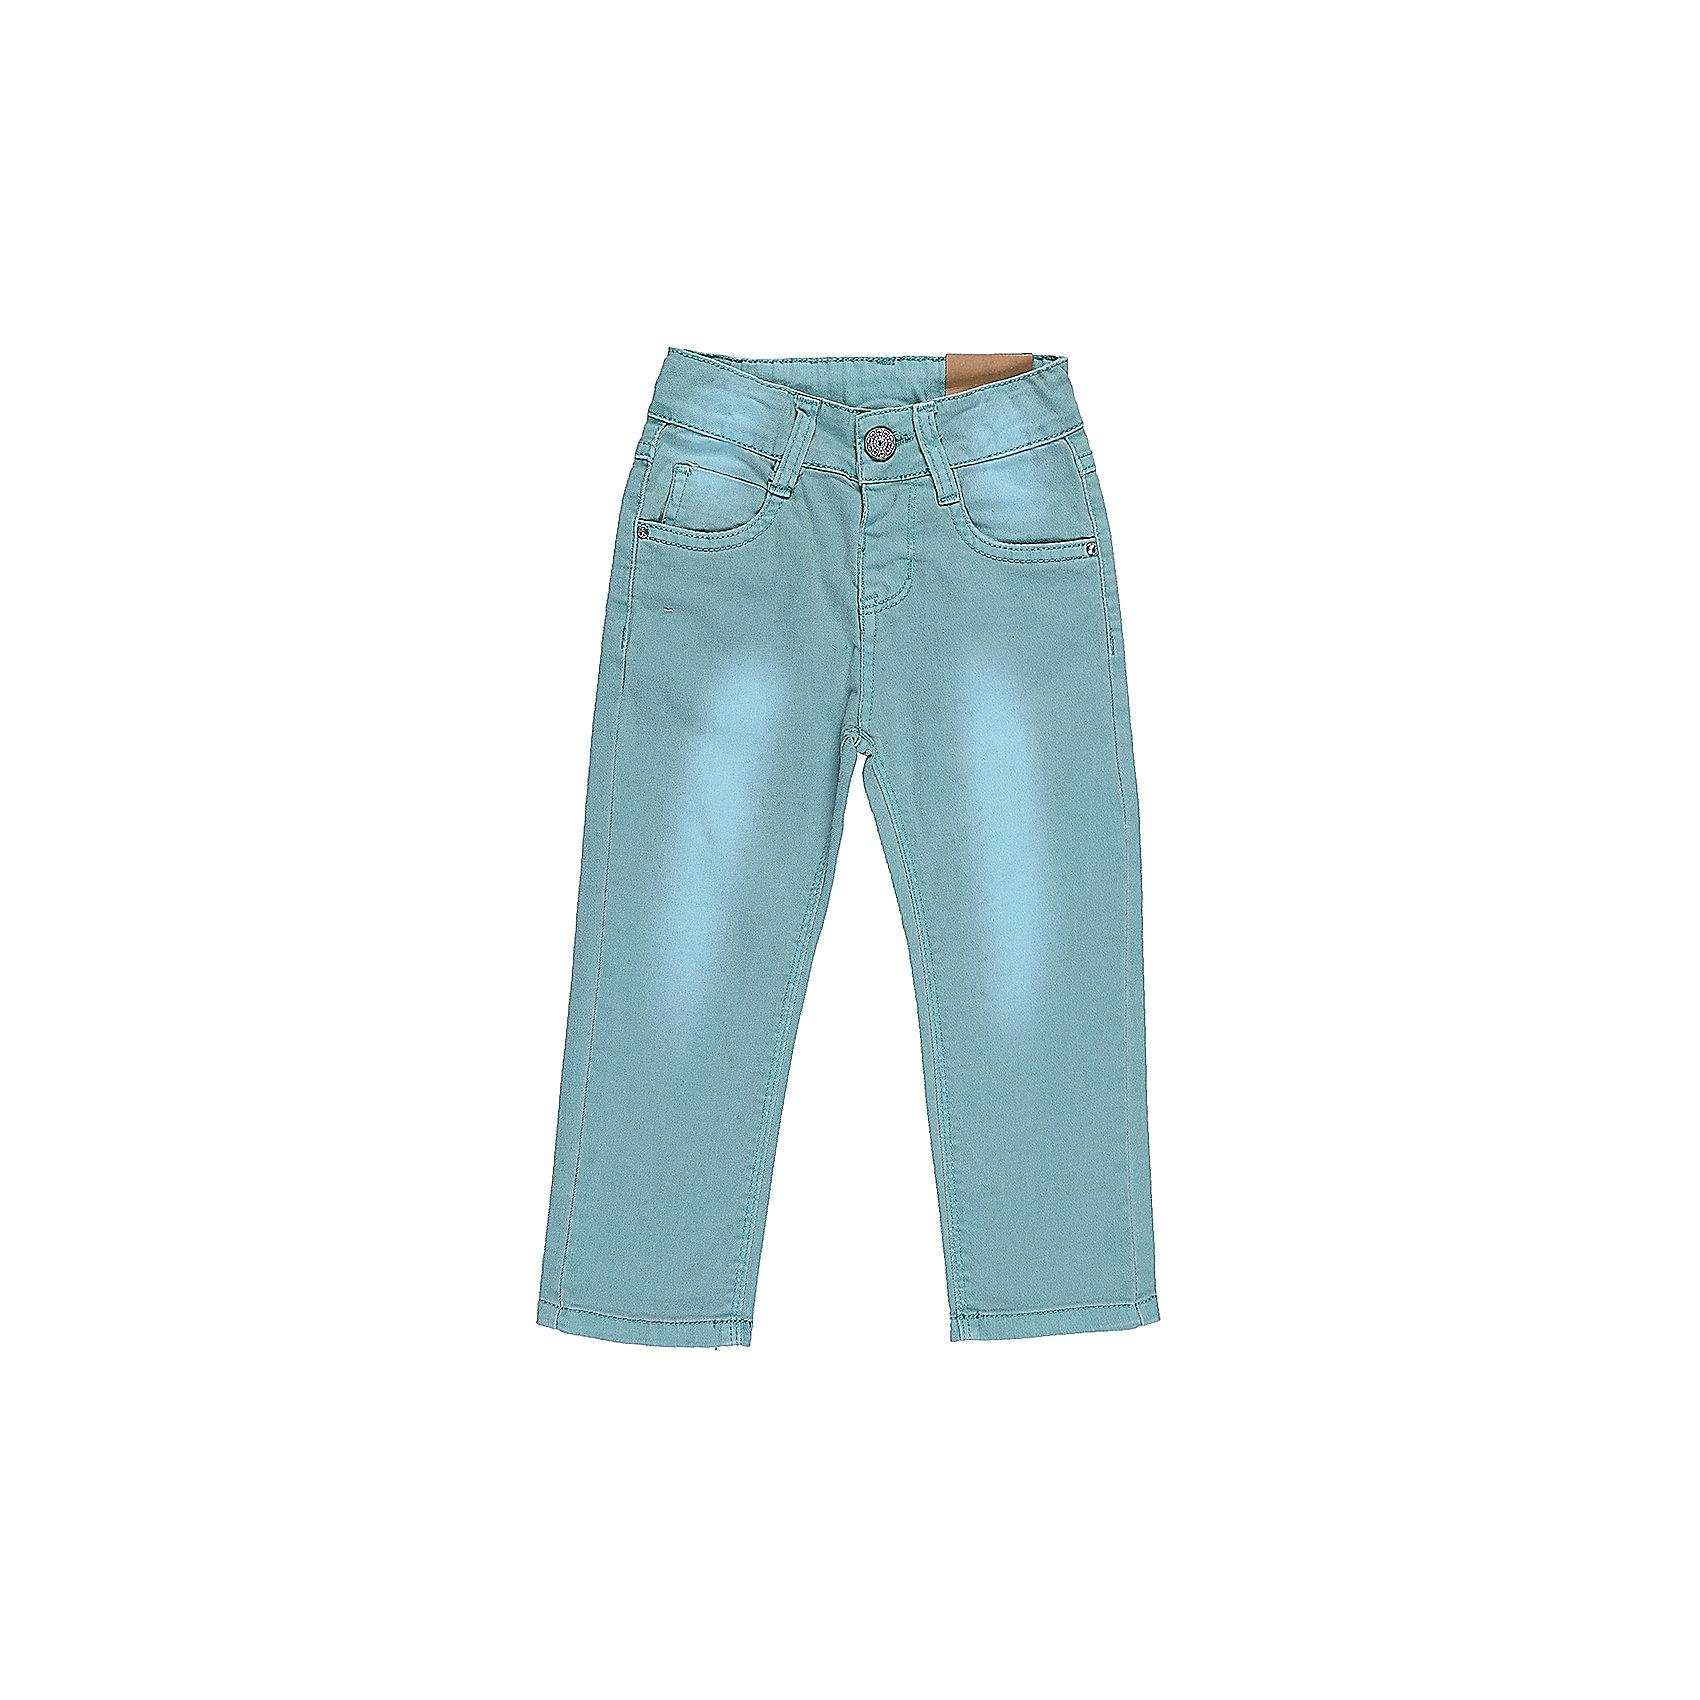 Джинсы для девочки Sweet BerryДжинсовая одежда<br>Бирюзовые джинсы  для девочки с оригинальной варкой. Имеют зауженный крой, среднюю посадку. Застегиваются на молнию и крючок. Шлевки на поясе рассчитаны под ремень. В боковой части пояса находятся вшитые эластичные ленты, регулирующие посадку по талии.<br>Состав:<br>98%хлопок 2%эластан<br><br>Ширина мм: 215<br>Глубина мм: 88<br>Высота мм: 191<br>Вес г: 336<br>Цвет: голубой<br>Возраст от месяцев: 12<br>Возраст до месяцев: 15<br>Пол: Женский<br>Возраст: Детский<br>Размер: 80,86,92,98<br>SKU: 5411208